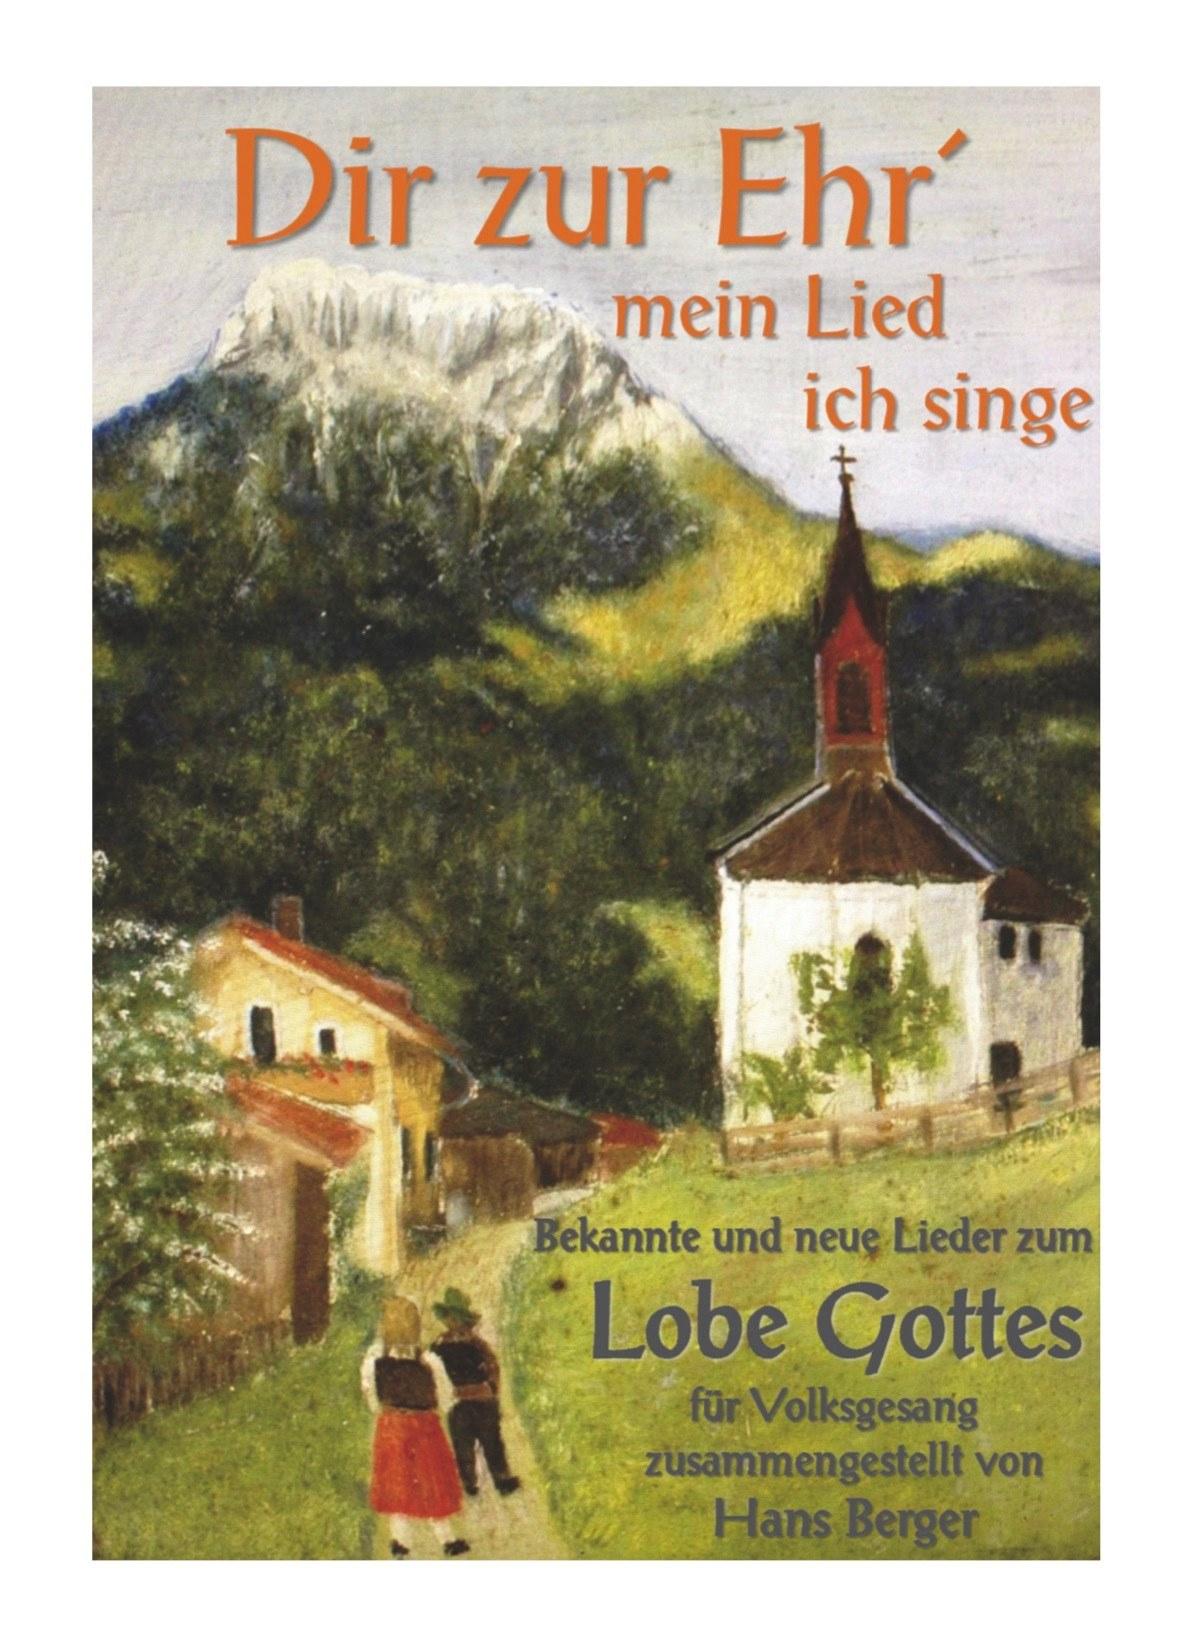 190820_Dir-zur-Ehr-mein-Lied-ich-singe